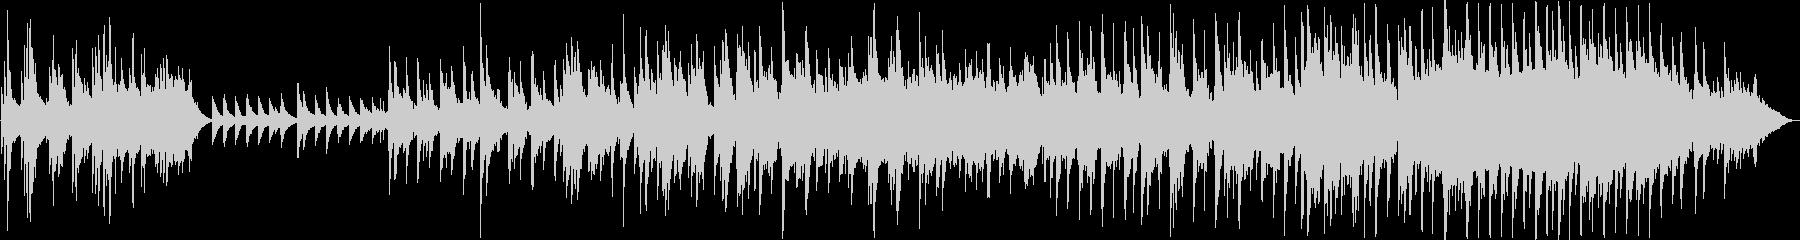 ピアノメインのゆったりとしたバラードの未再生の波形